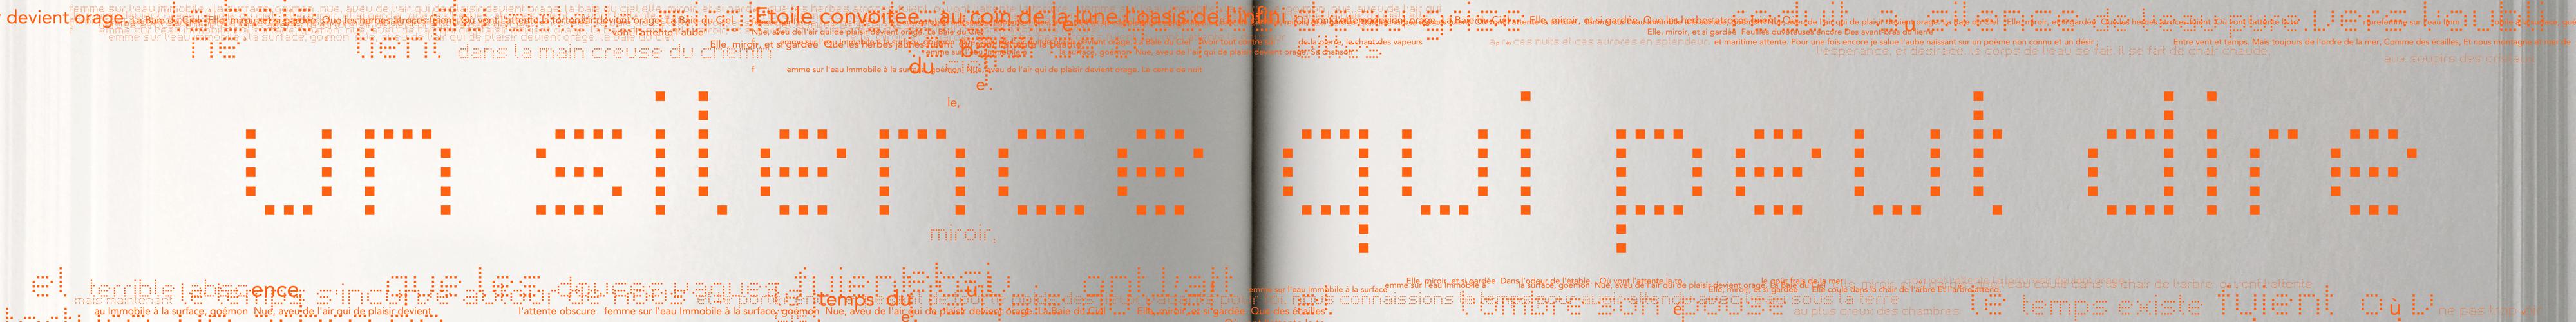 Images Livre -Texte sur plaques de verre, 4,5m x 1m, arche sortie